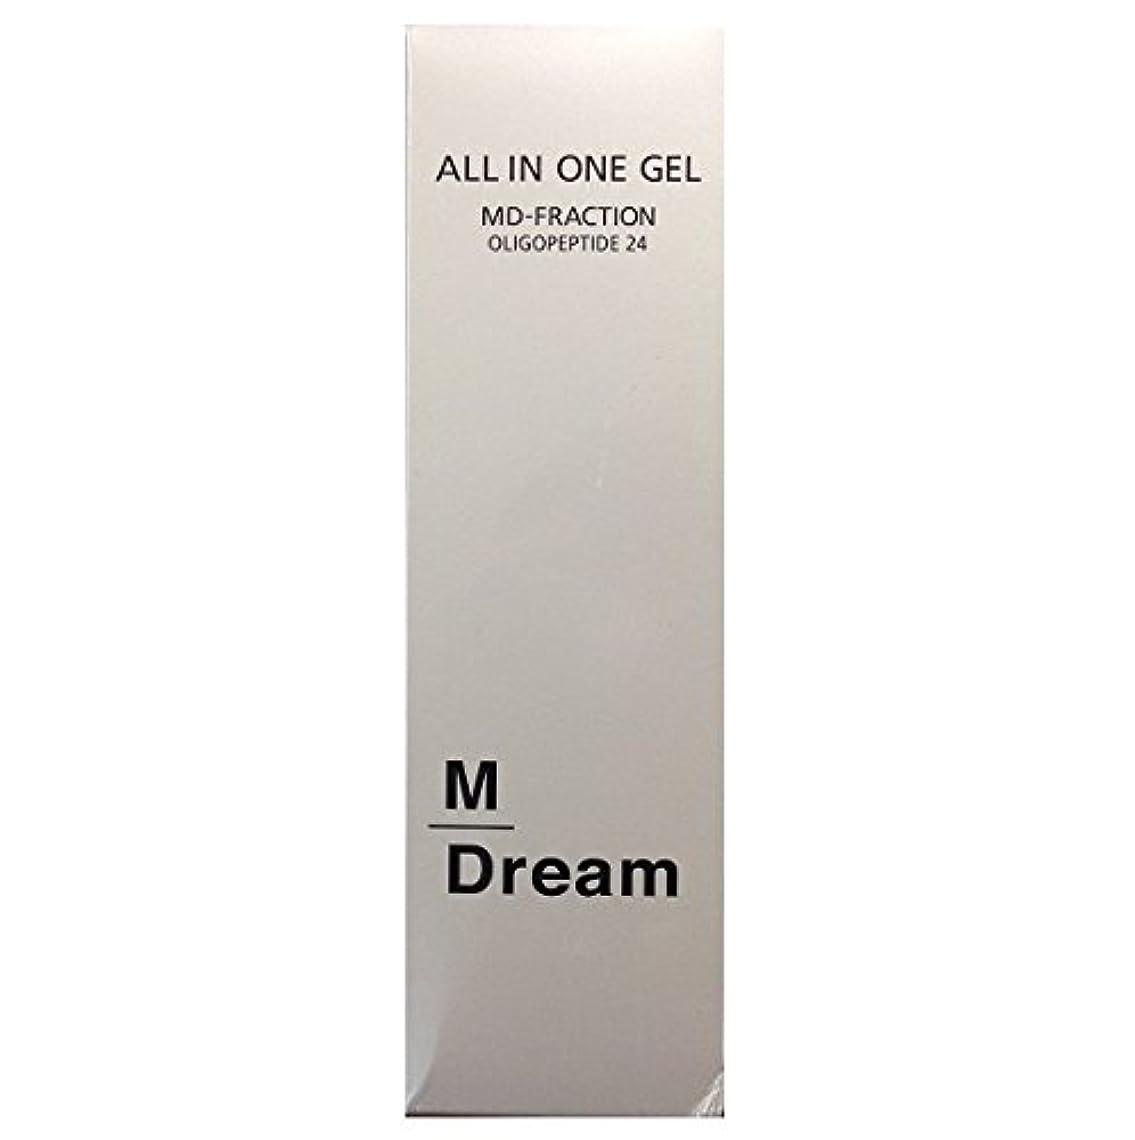 事こんにちはローラーエムスリー MDオールインワンジェル M Dream